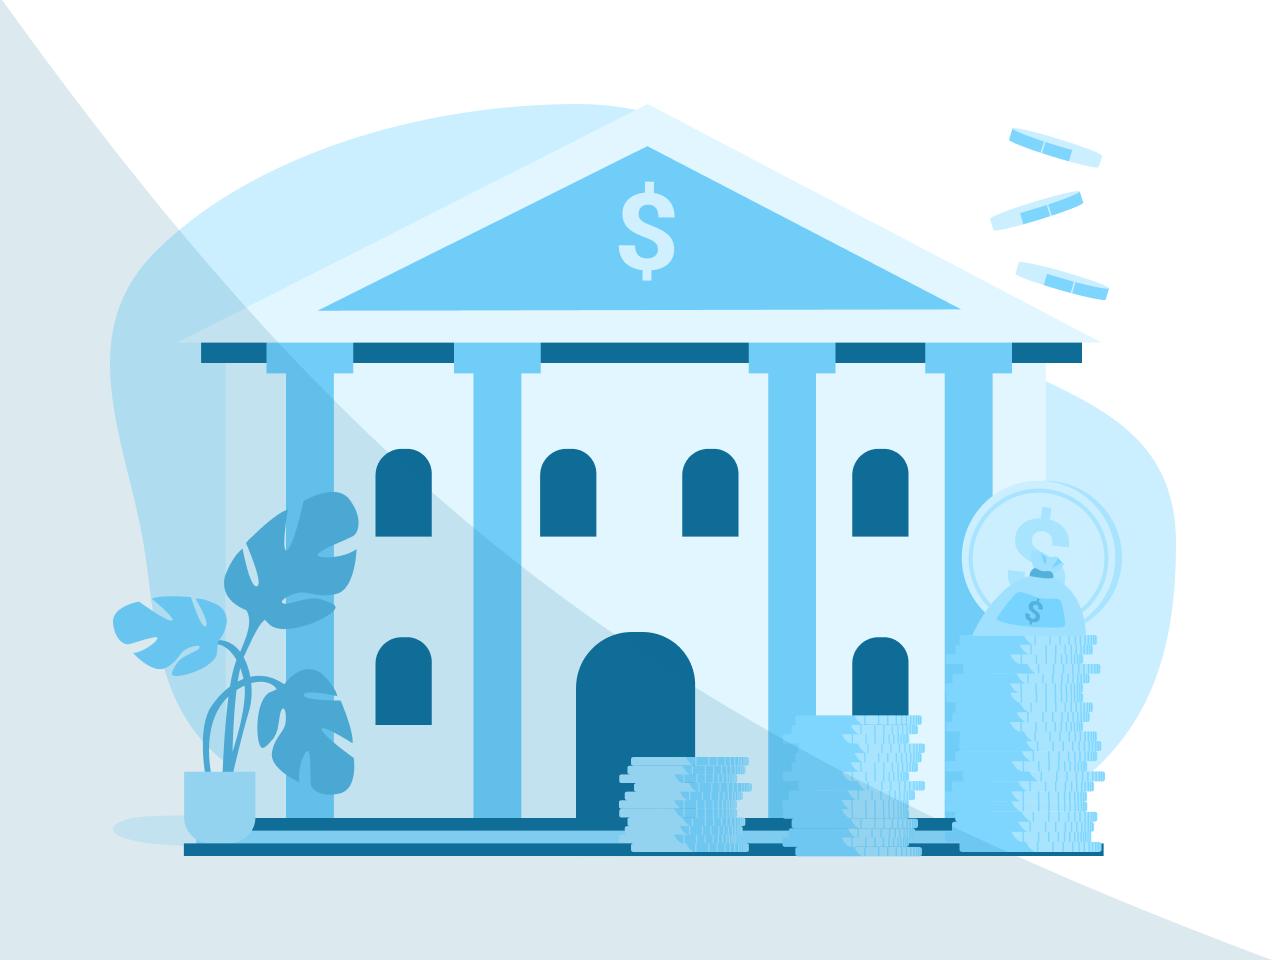 Visual data analysis in banking thumbnail